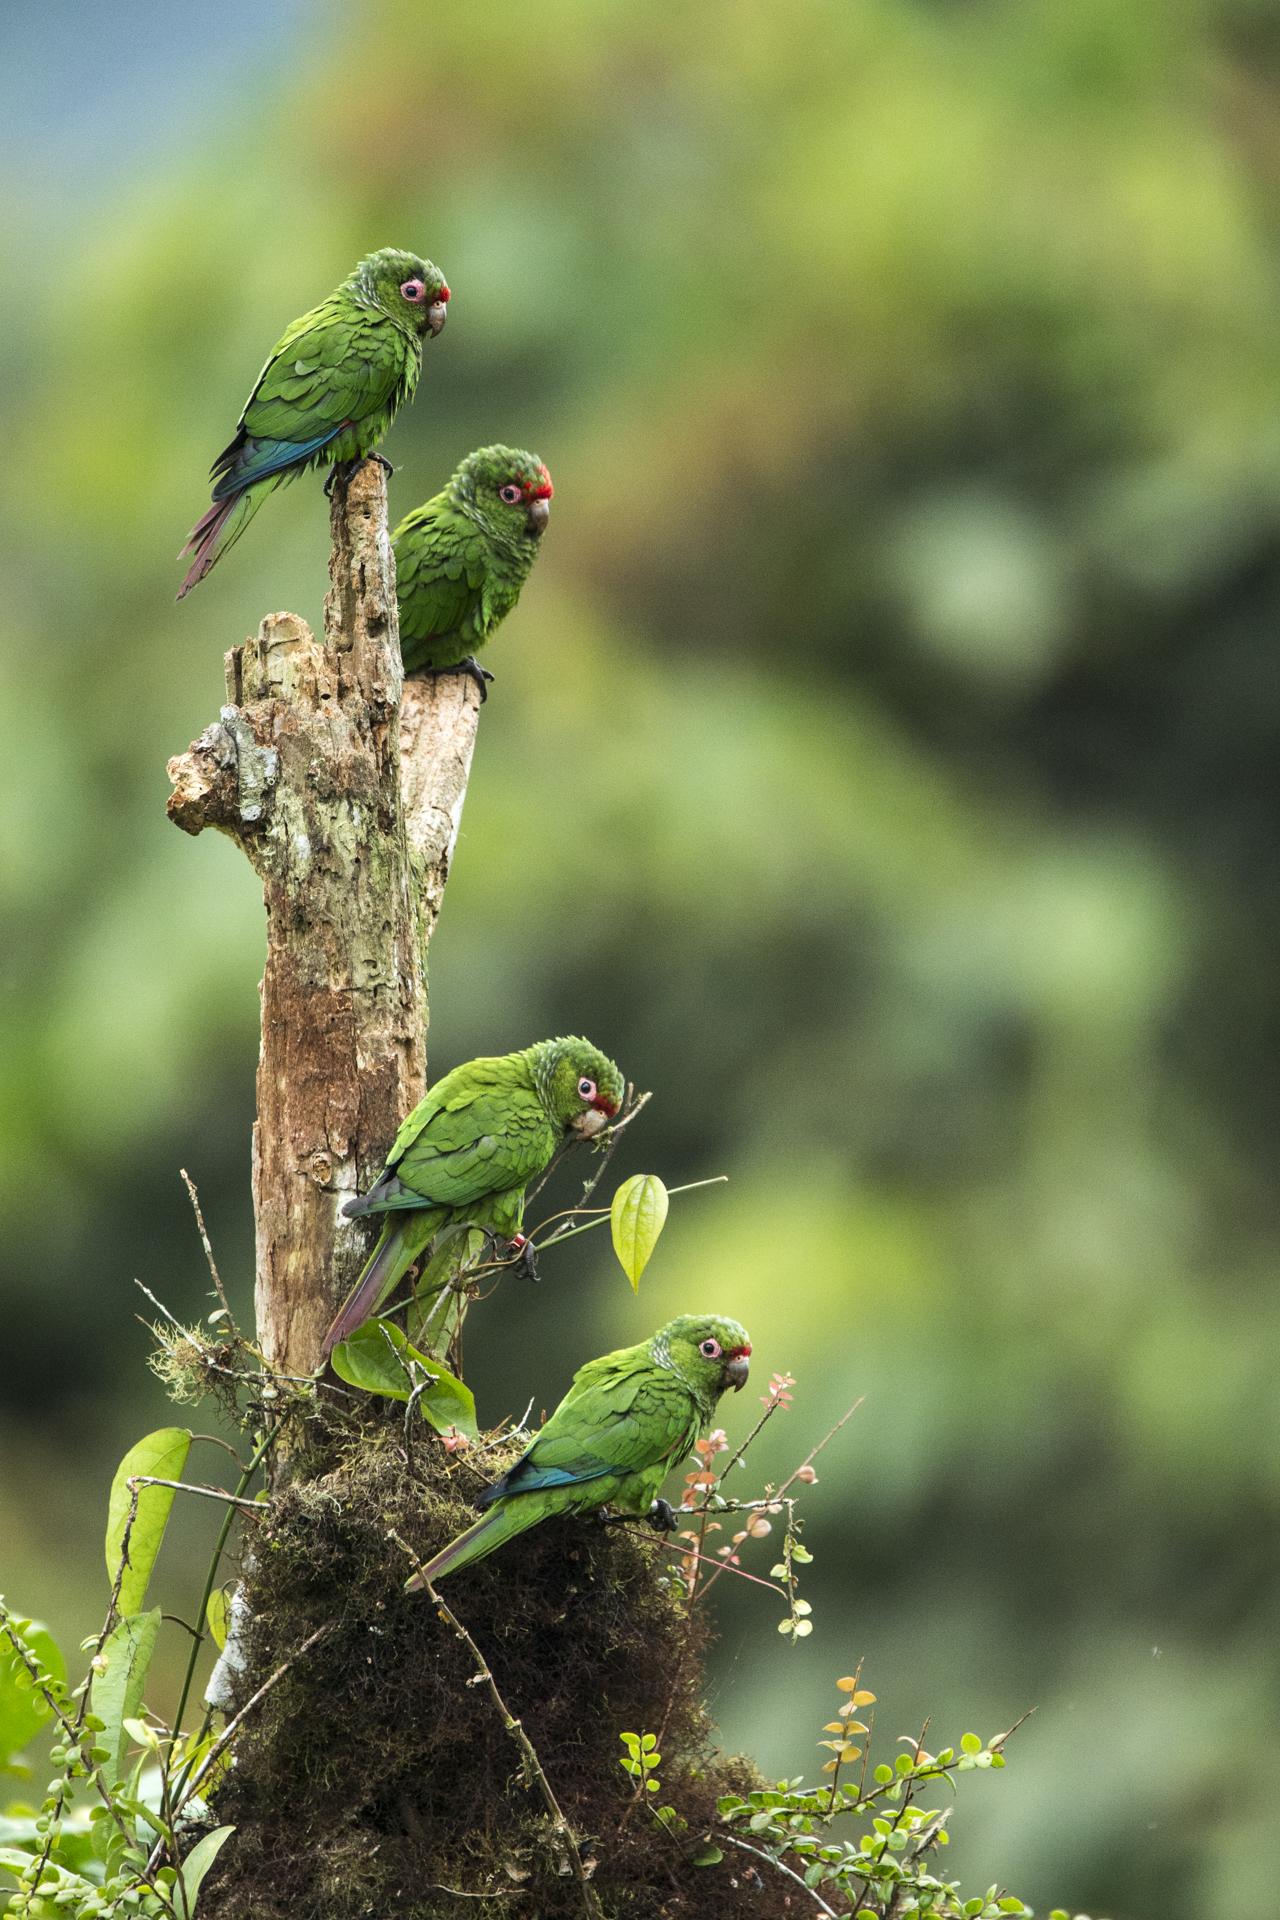 El Oro parakeets in Ecuador.